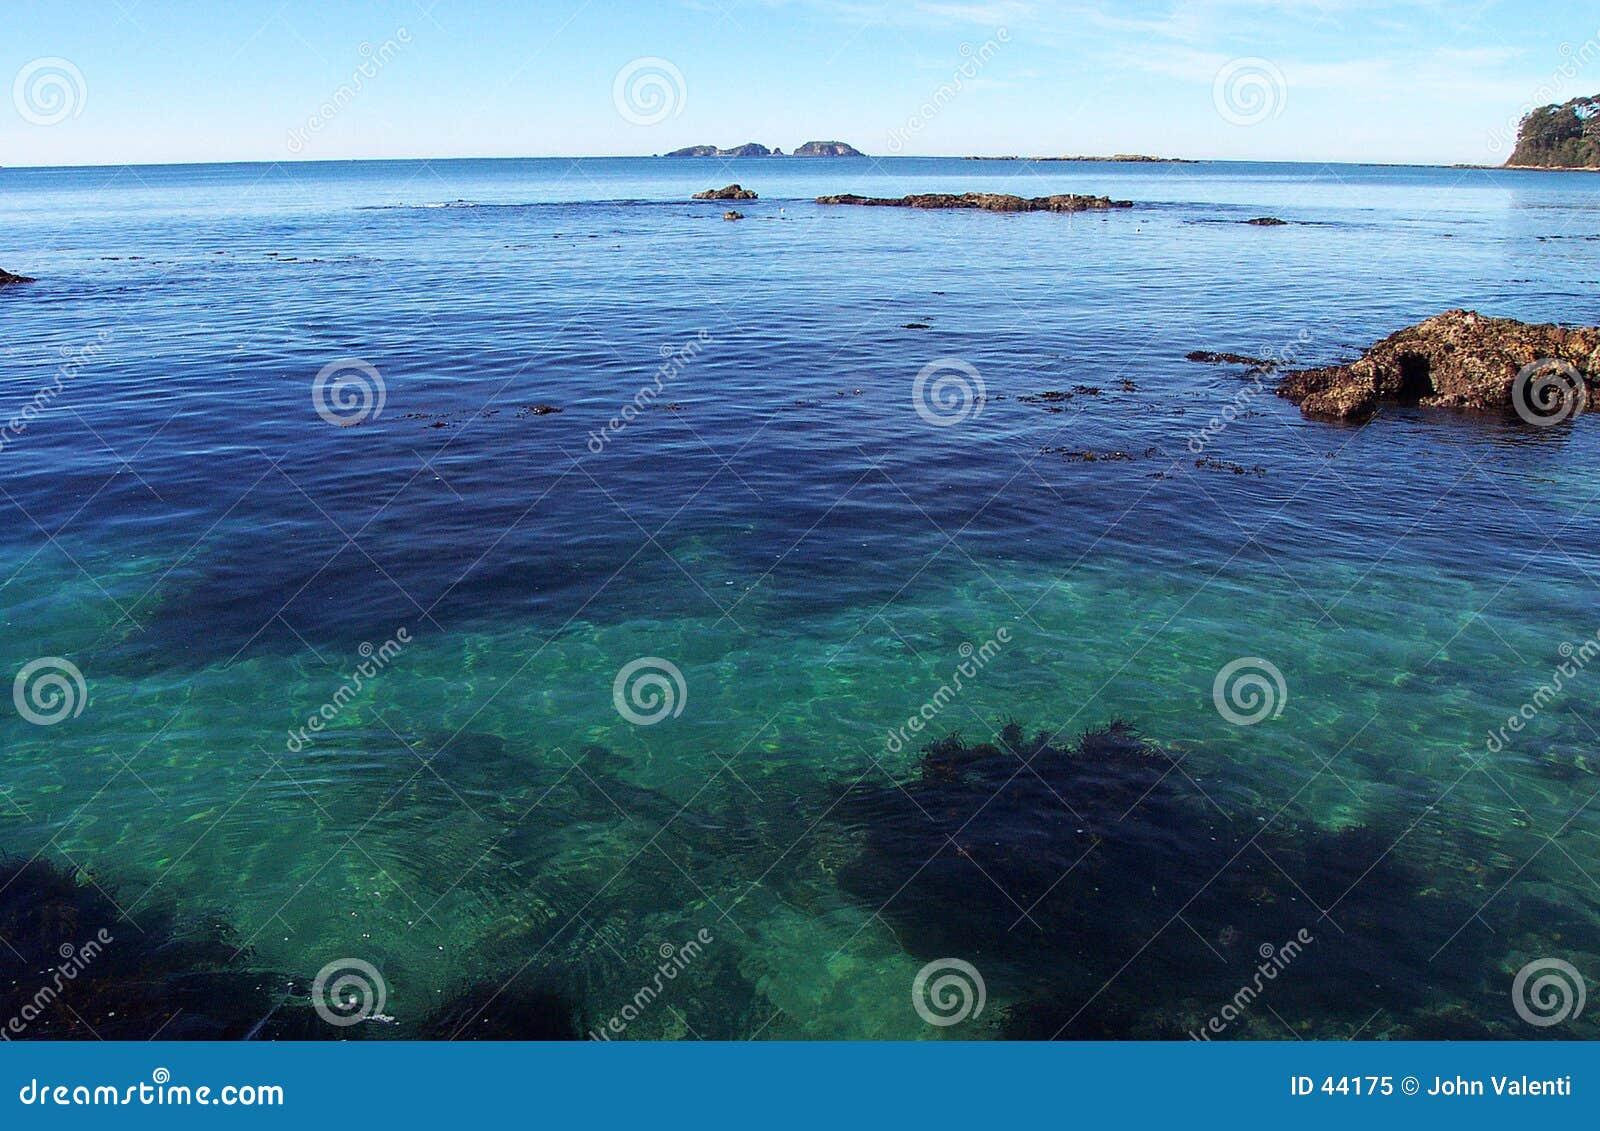 Download Smaragdozean stockbild. Bild von meer, ozean, kristall, strand - 44175